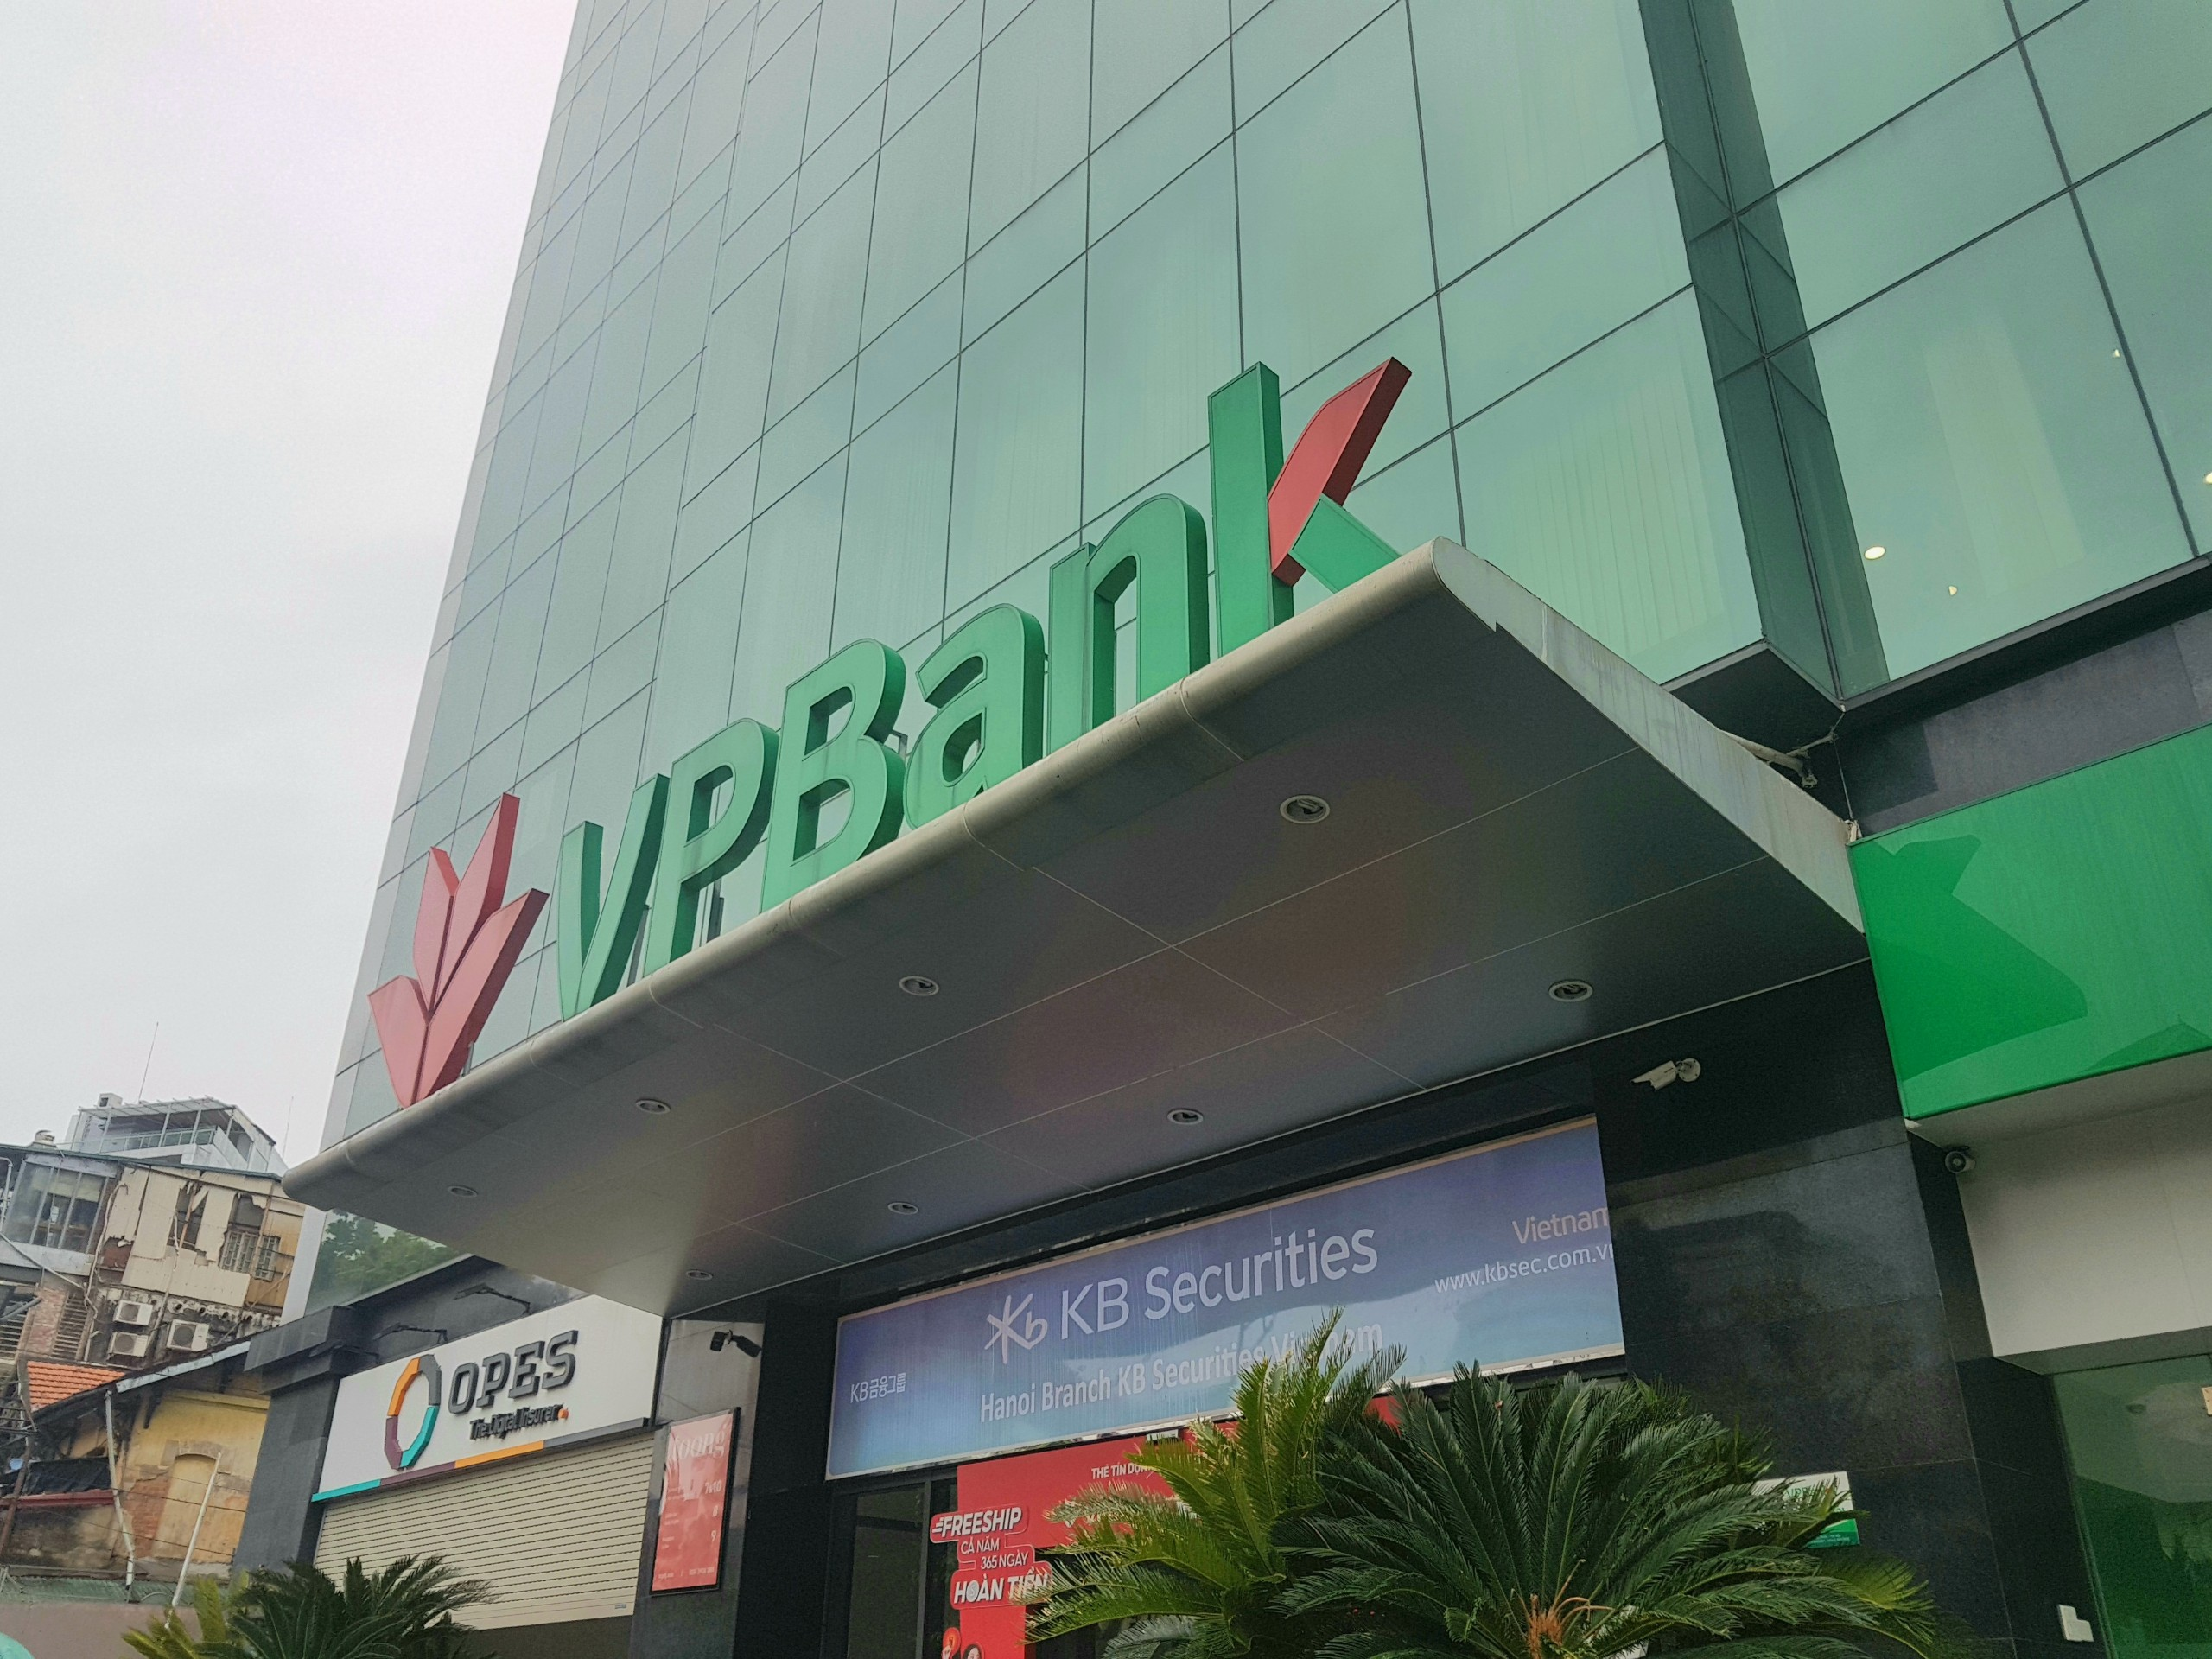 Lợi nhuận 9 tháng VPBank tăng trưởng hơn 30%, tỉ lệ nợ xấu ở mức 3,65% - Ảnh 1.